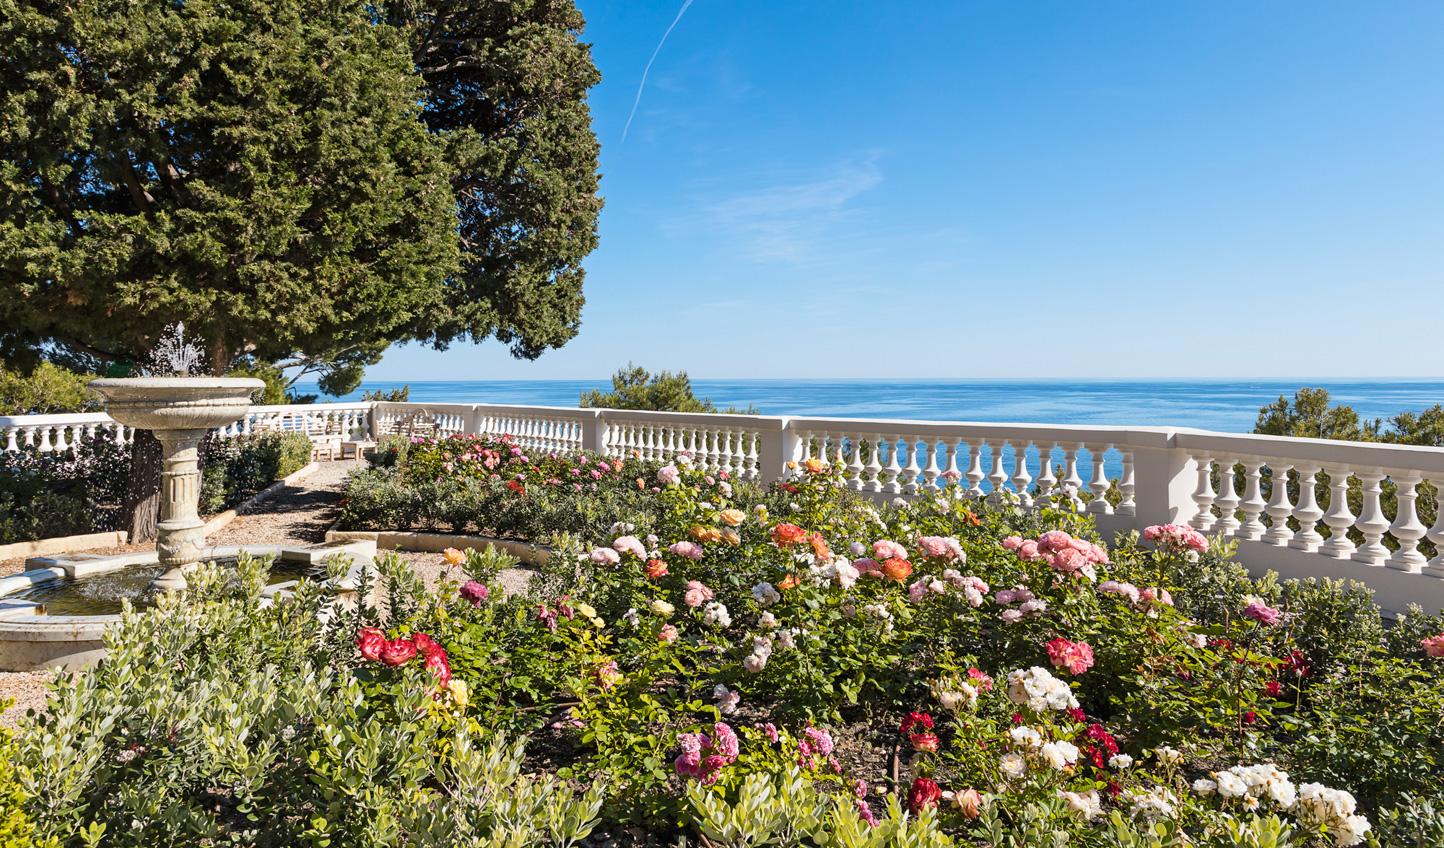 Take a stroll through the rose garden